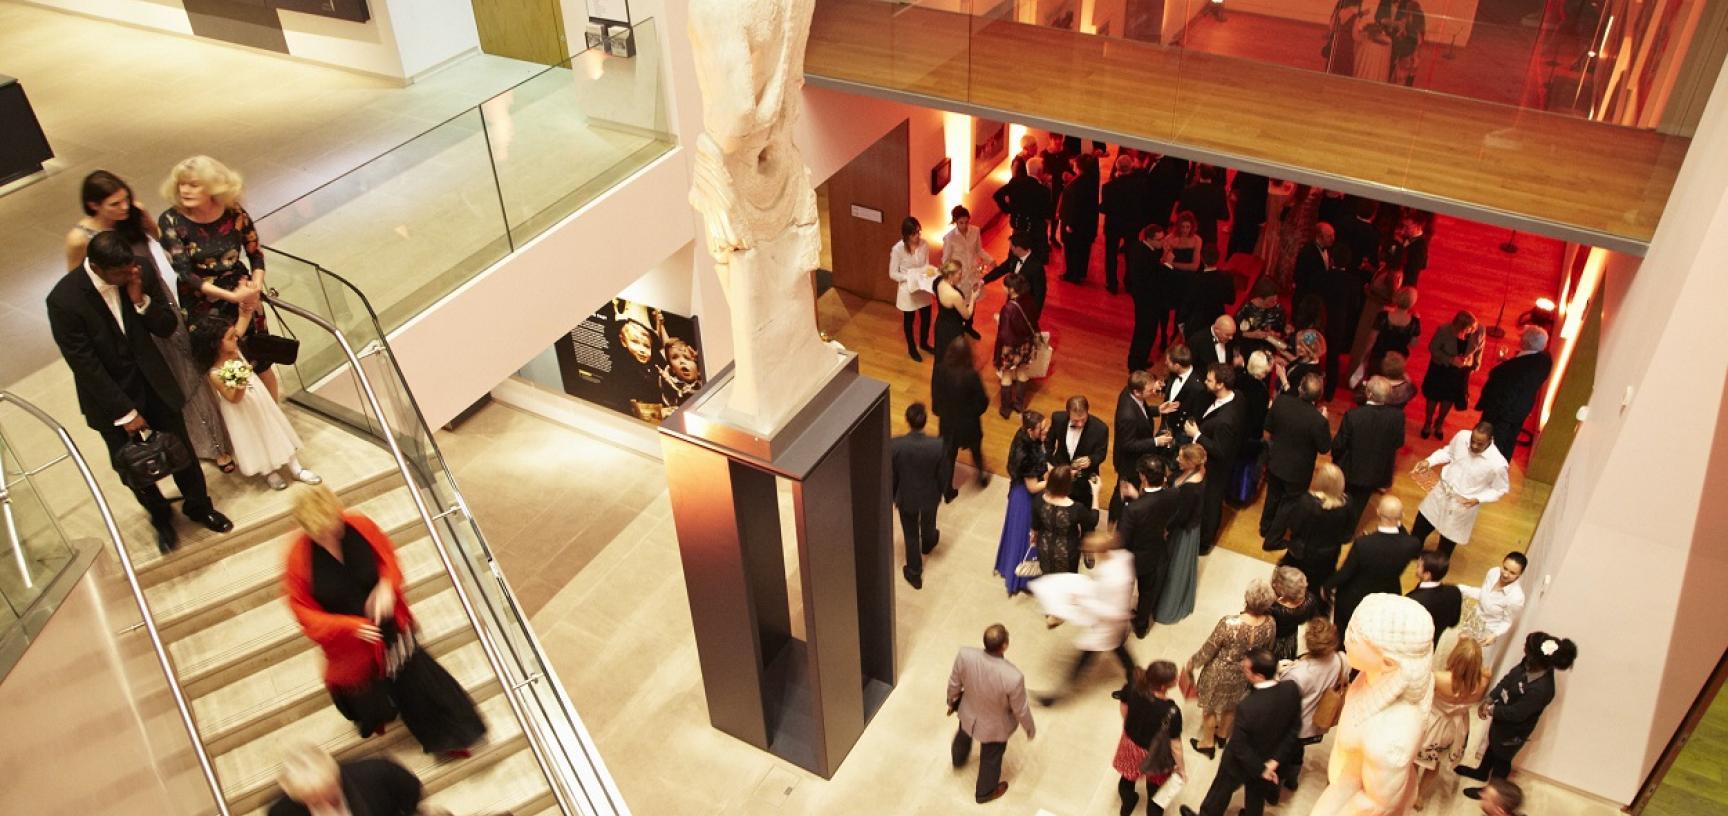 Corporate entertaining in the Ashmolean's Atrium foyer